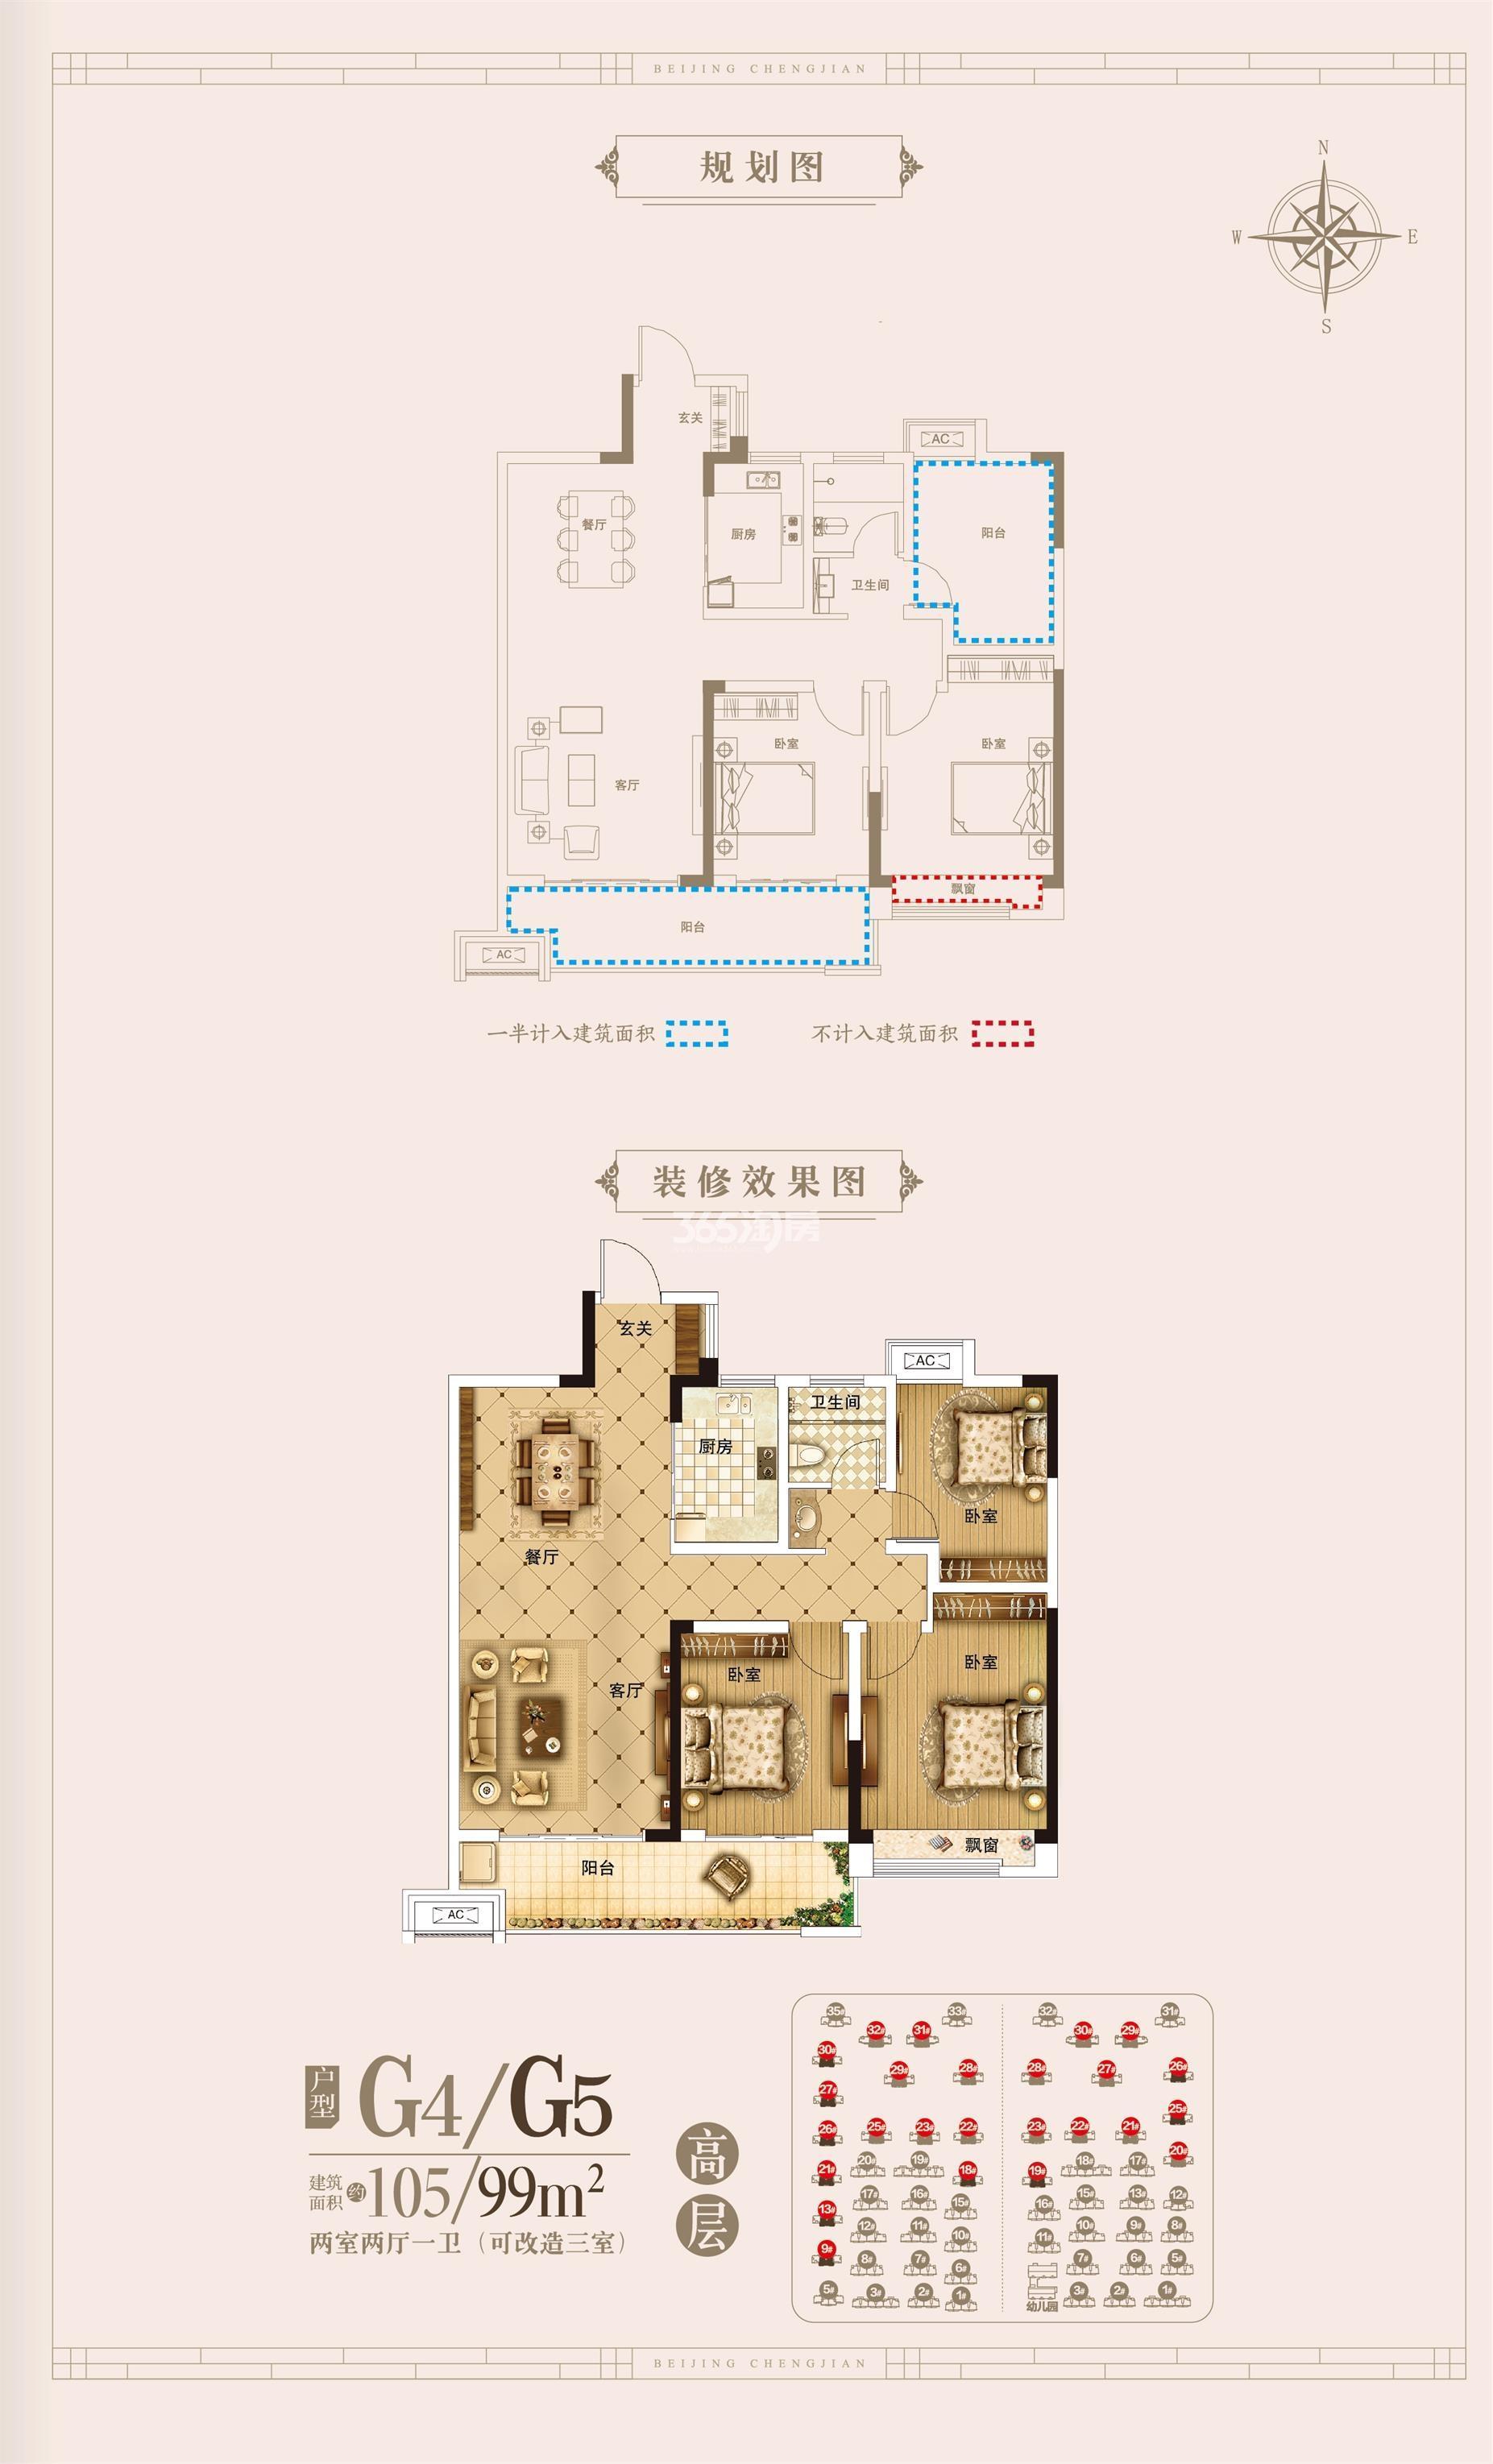 北京城建·国誉锦城105㎡平方户型图